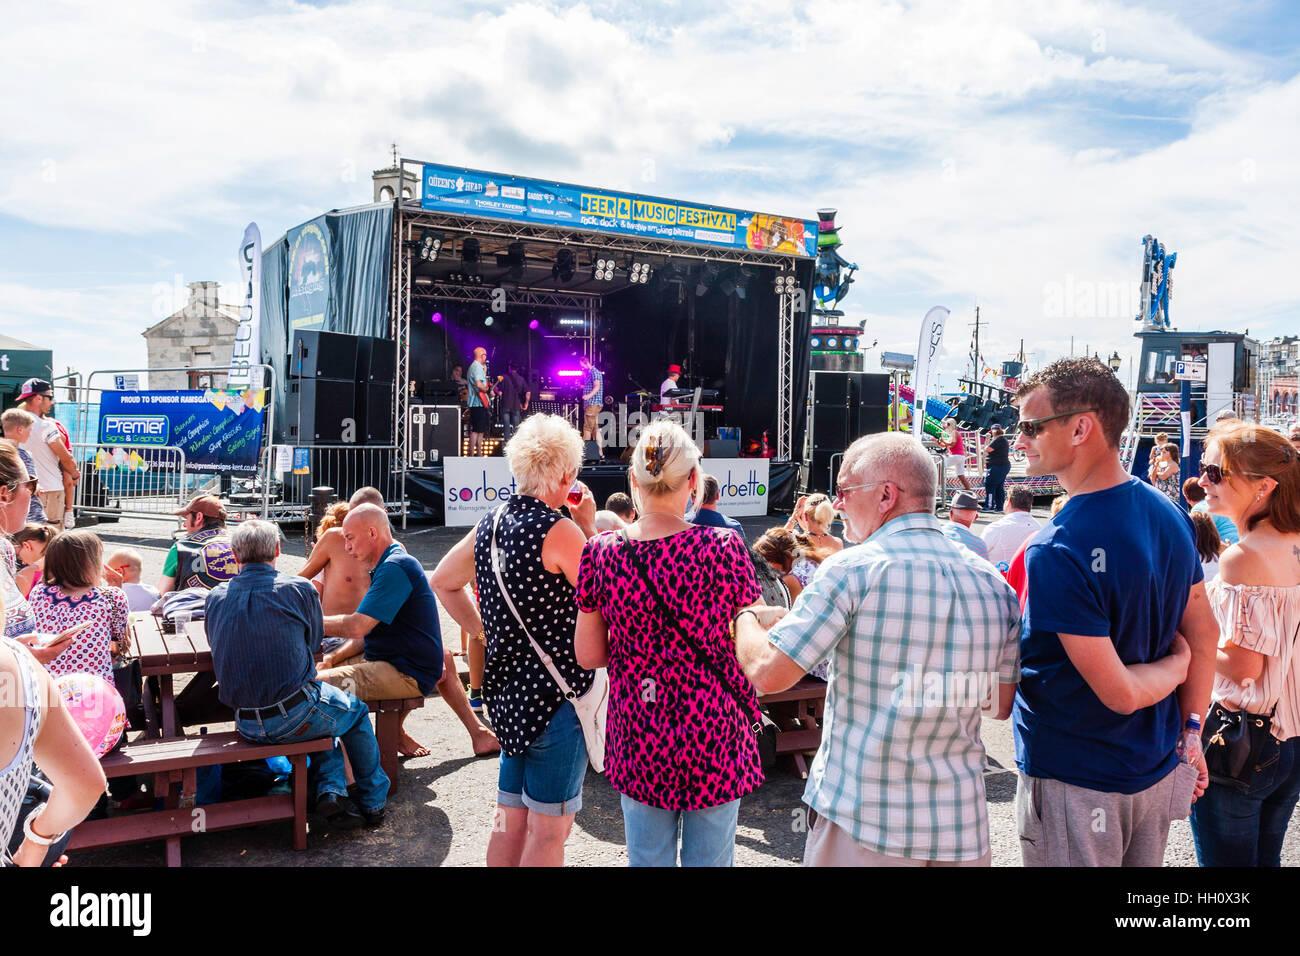 Inglaterra, Ramsgate. Paseo marítimo público viendo Kent, párrafo 1, de la banda tocando en escenario cubierto en la canícula estival. Vista desde detrás del público. Foto de stock